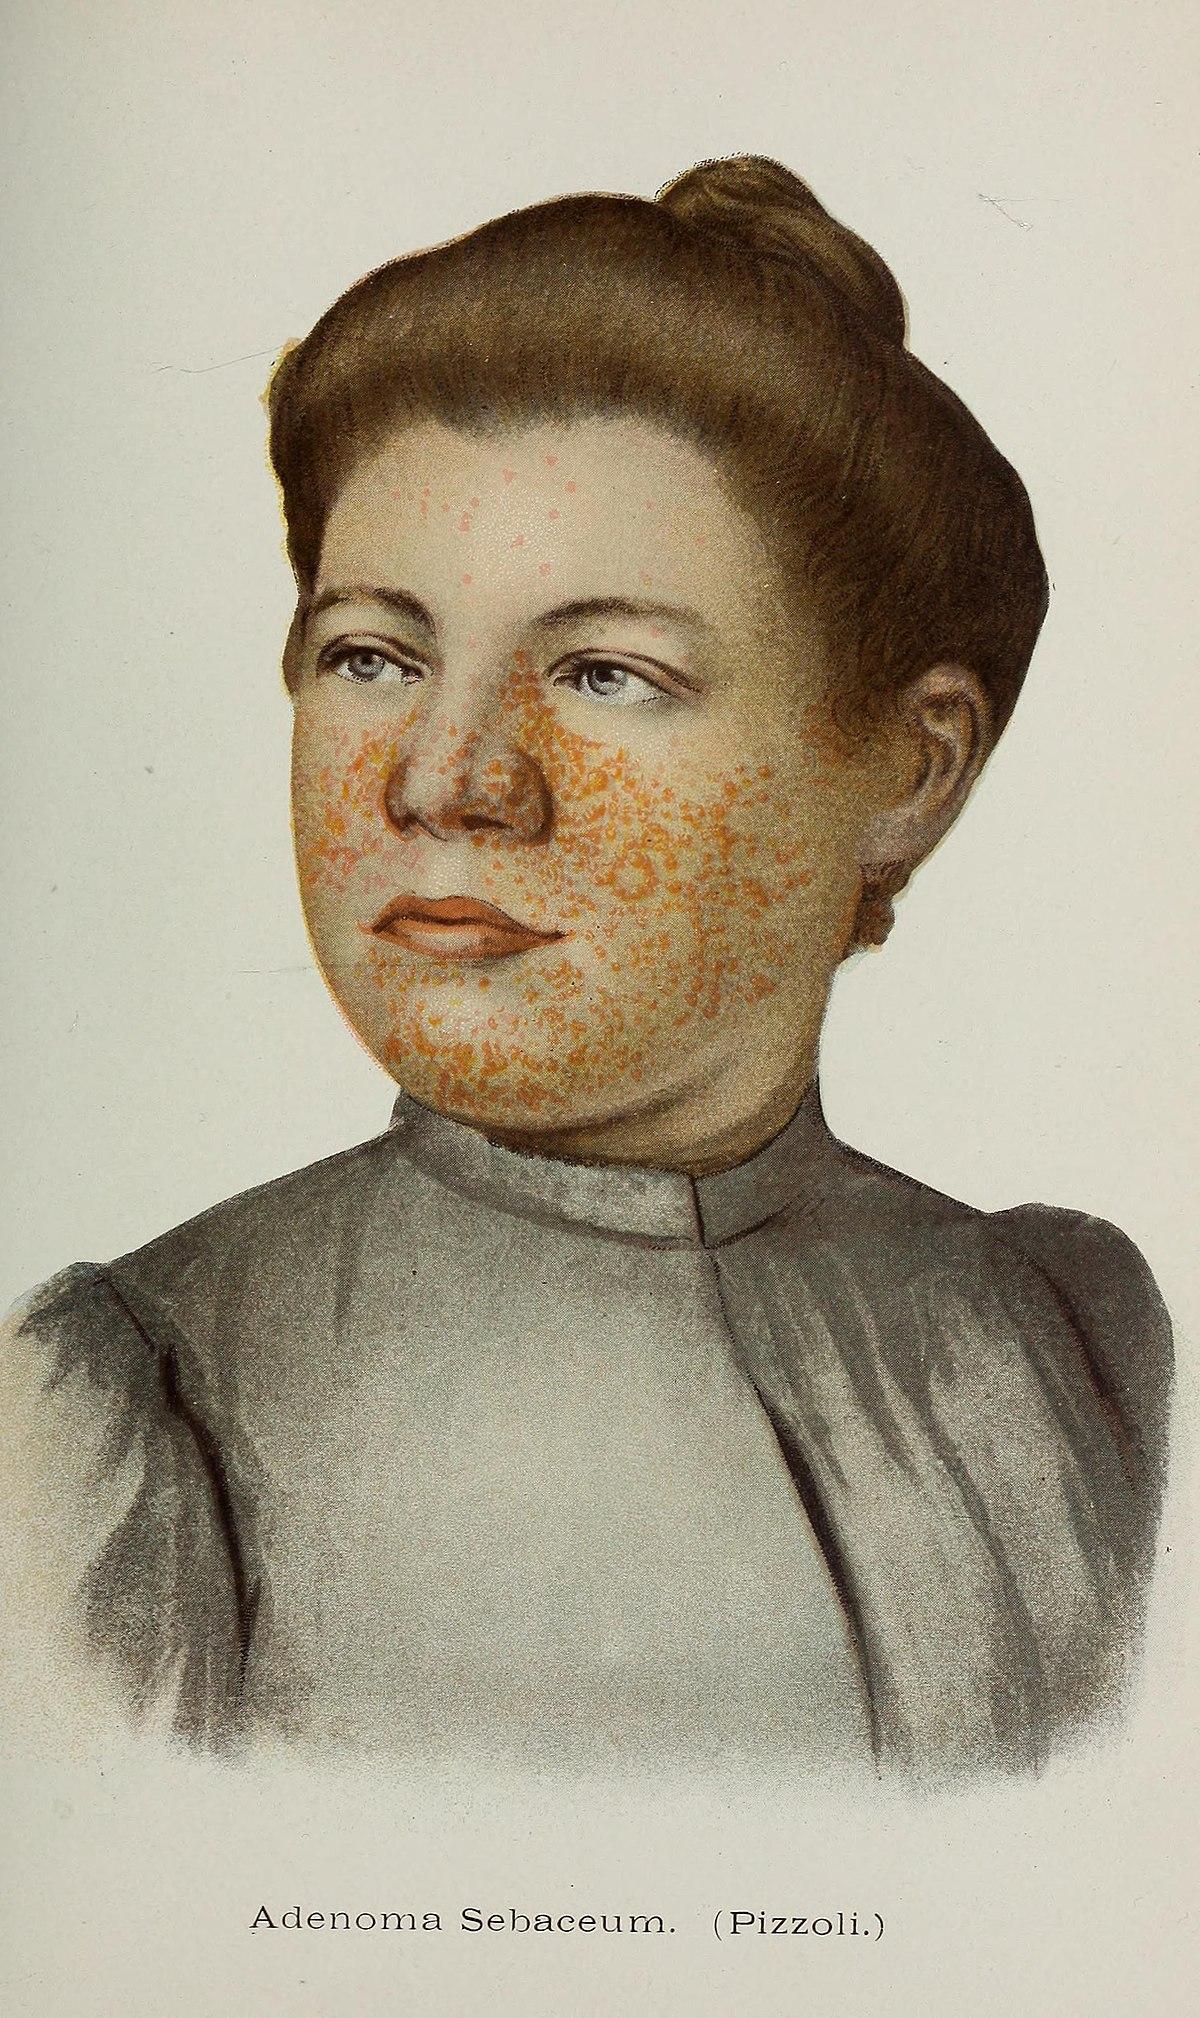 Adenoma Sebaceum Wikipedia